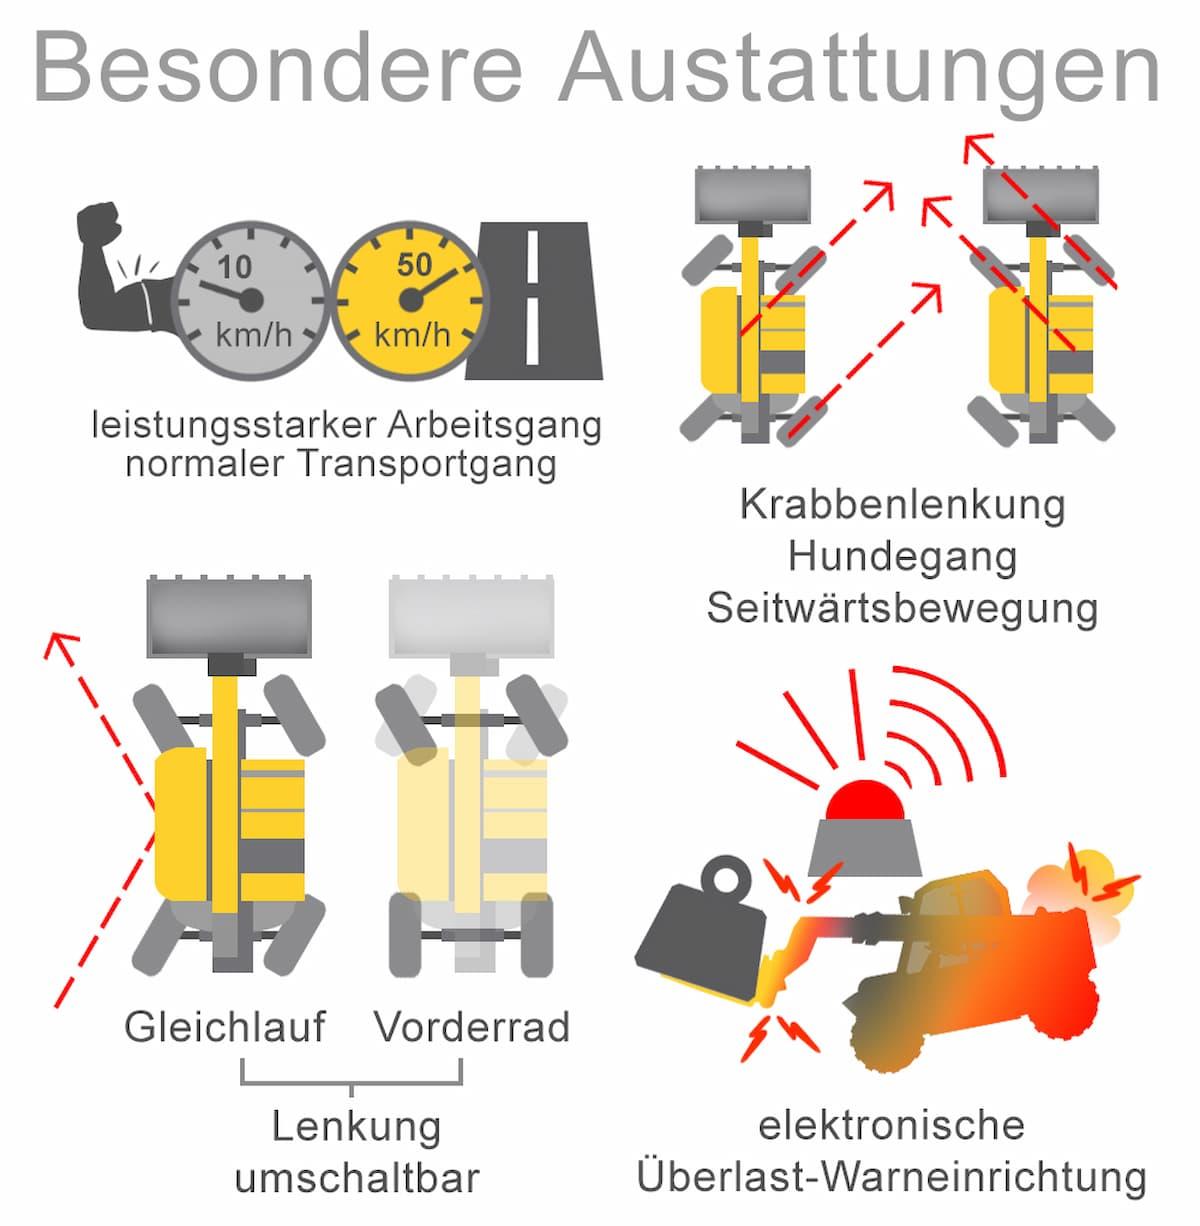 Teleskopstapler verfügen über besondere Ausstattungen